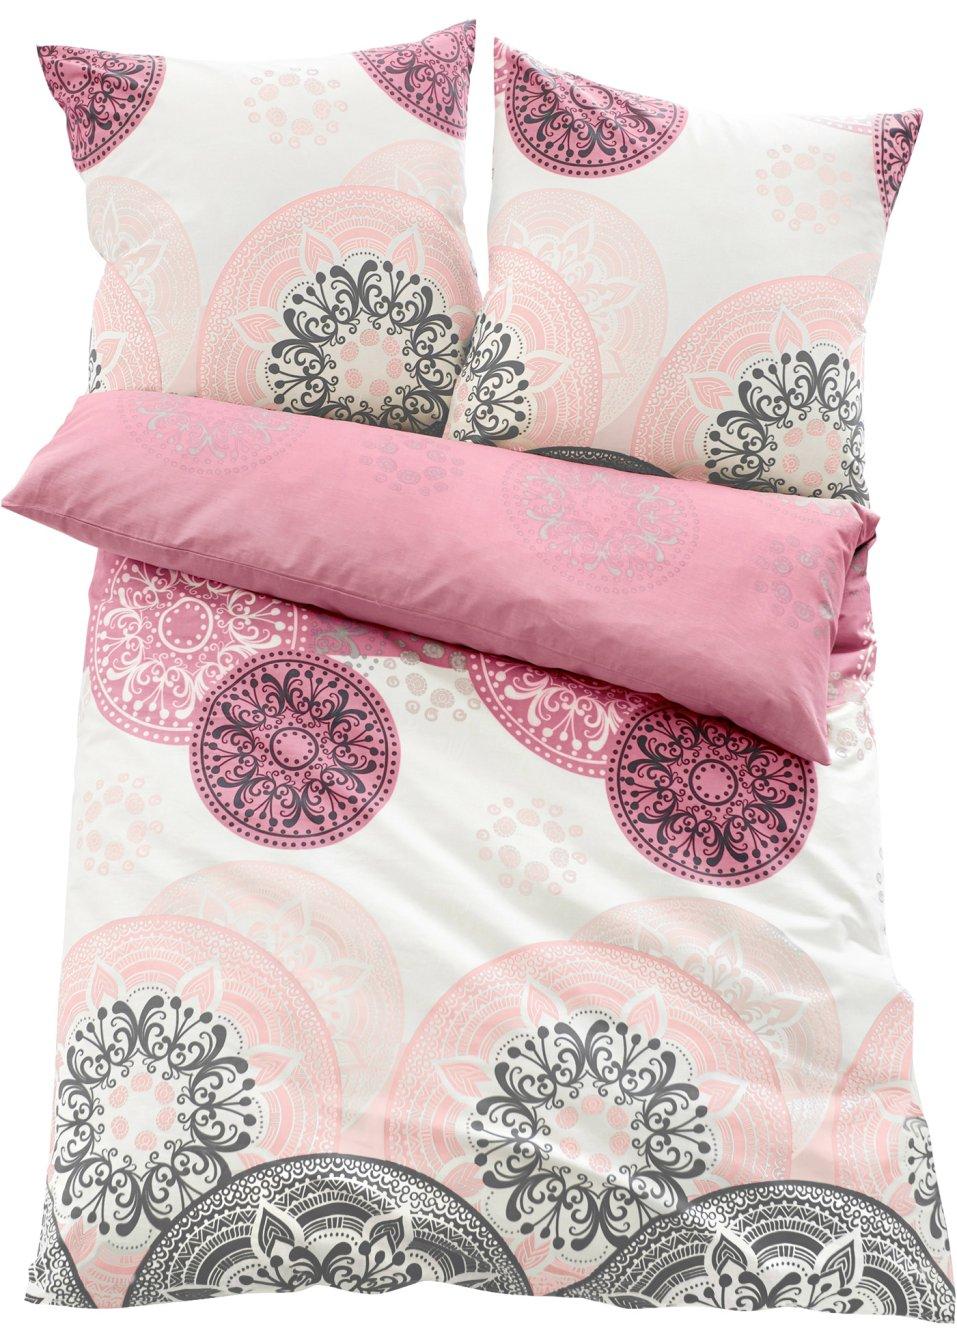 harmonische farben sch nes motiv die bettw sche mia rosa linon. Black Bedroom Furniture Sets. Home Design Ideas